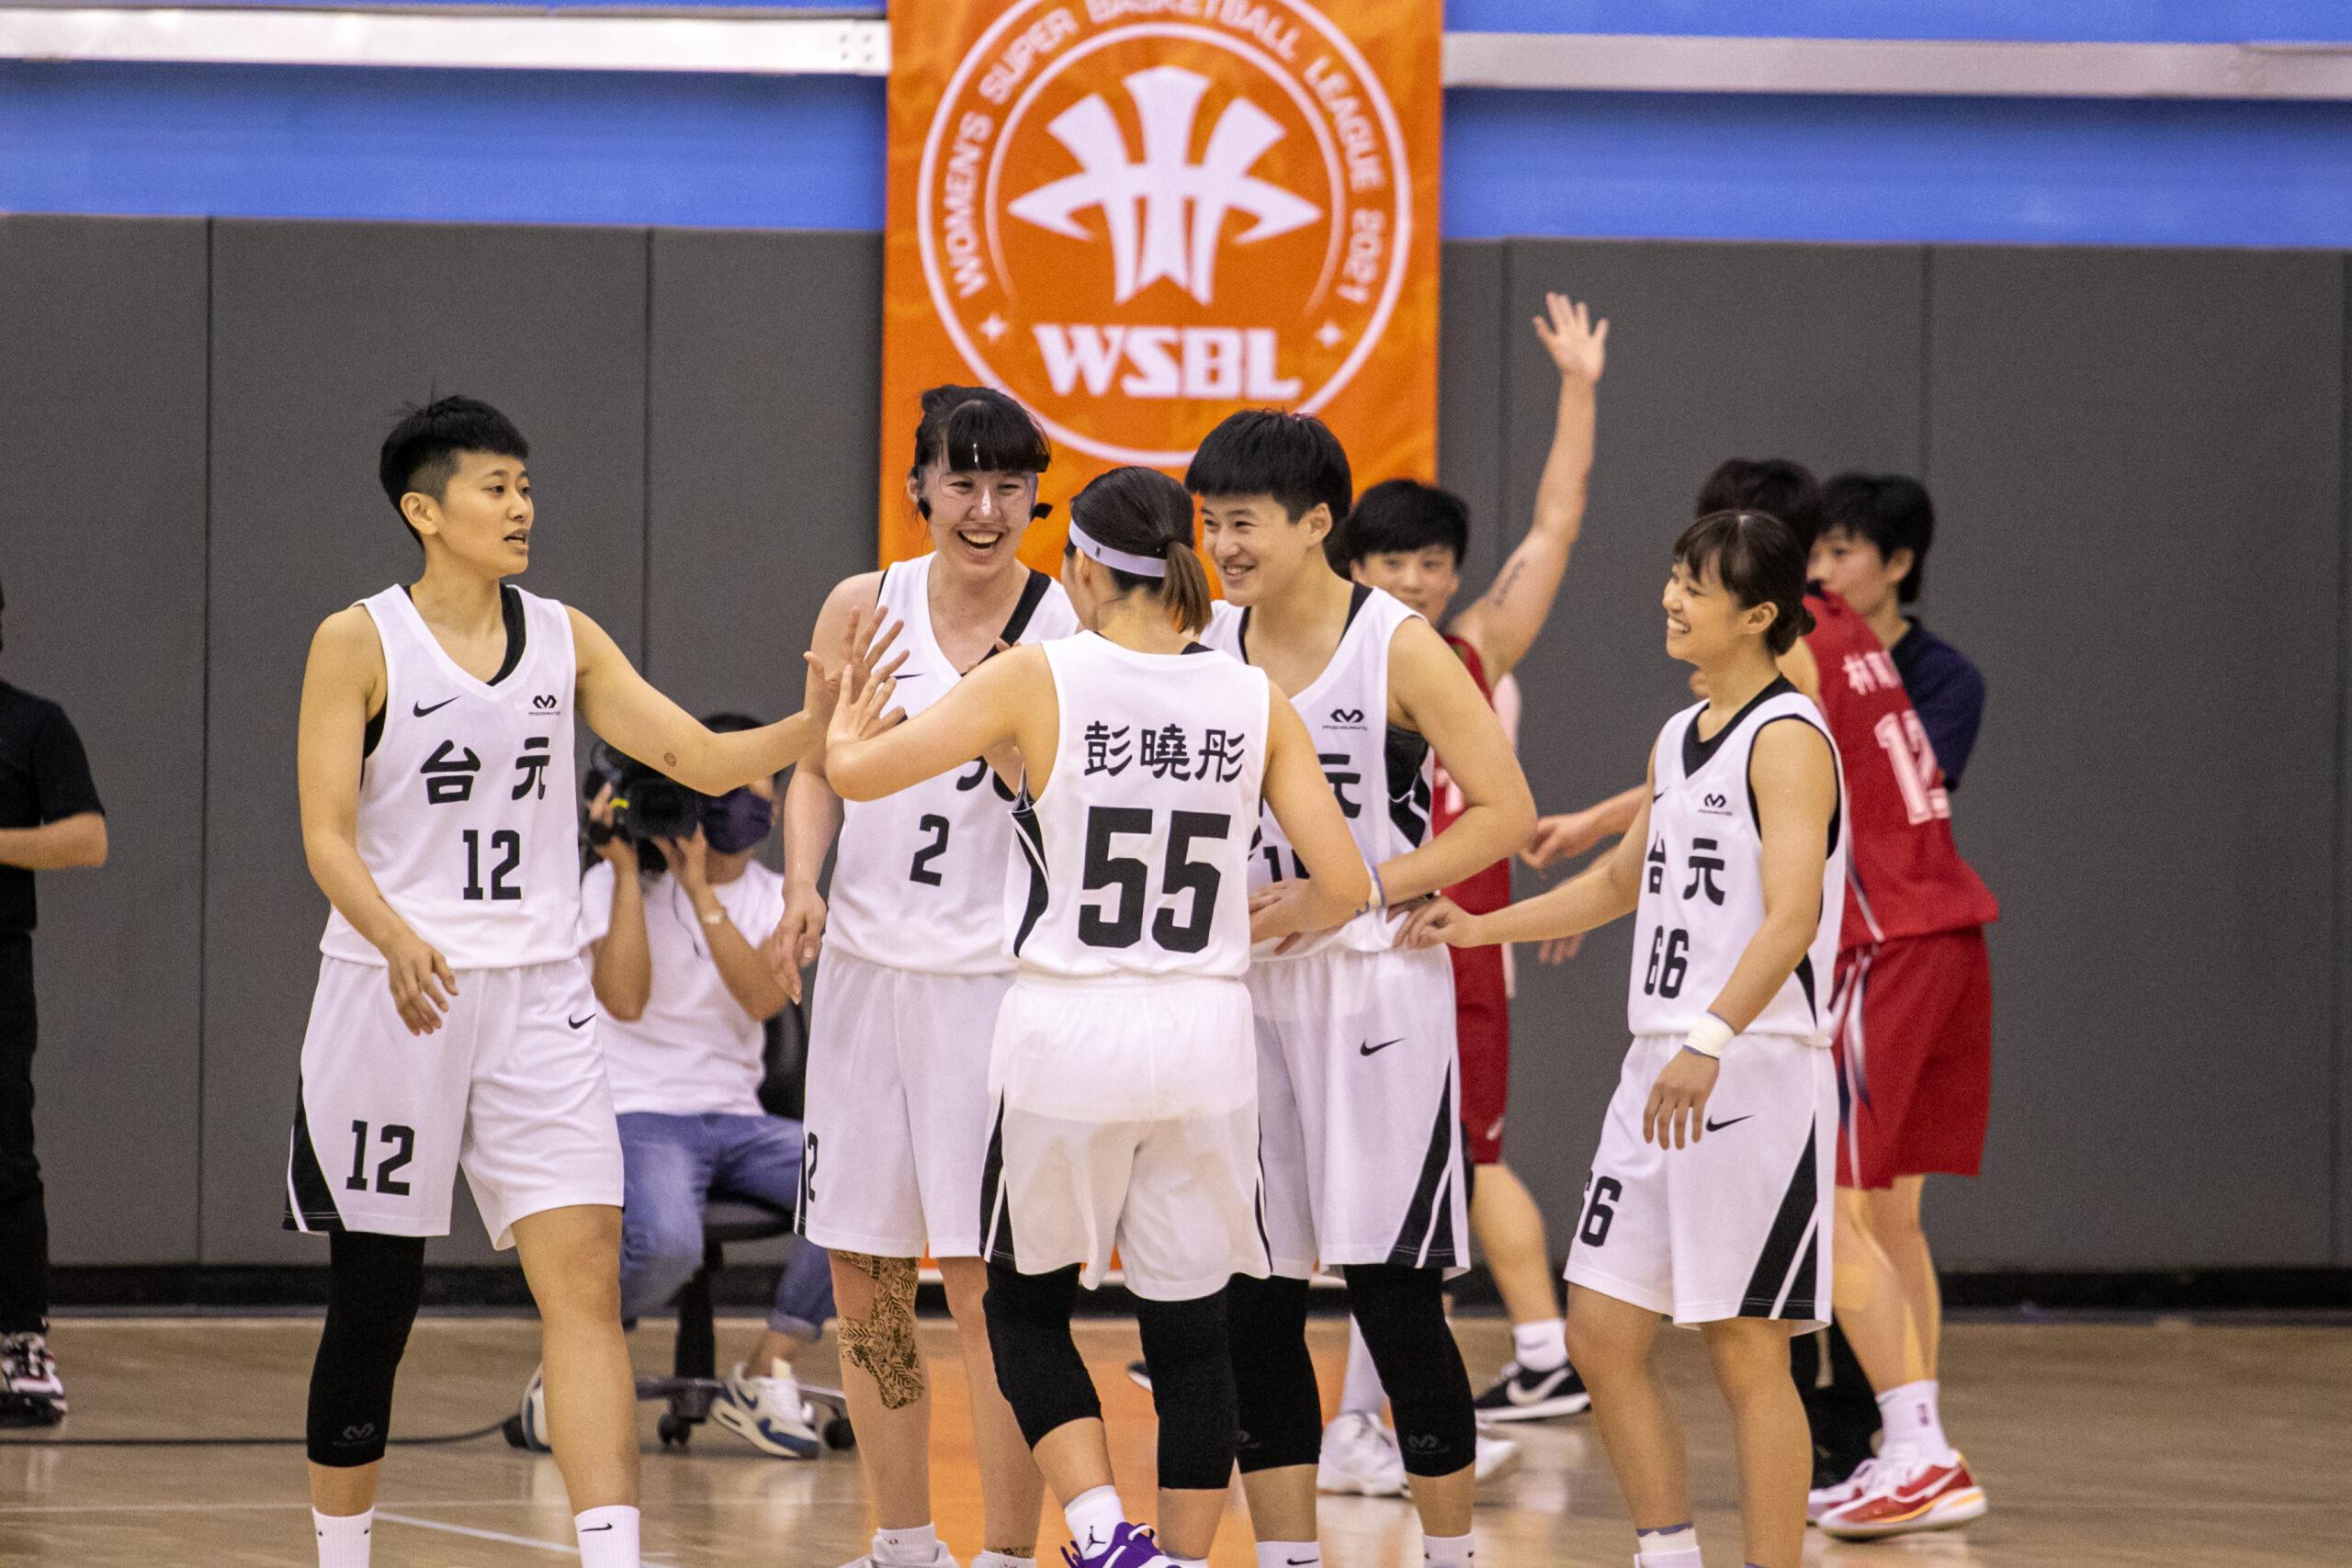 16th WSBL 台元